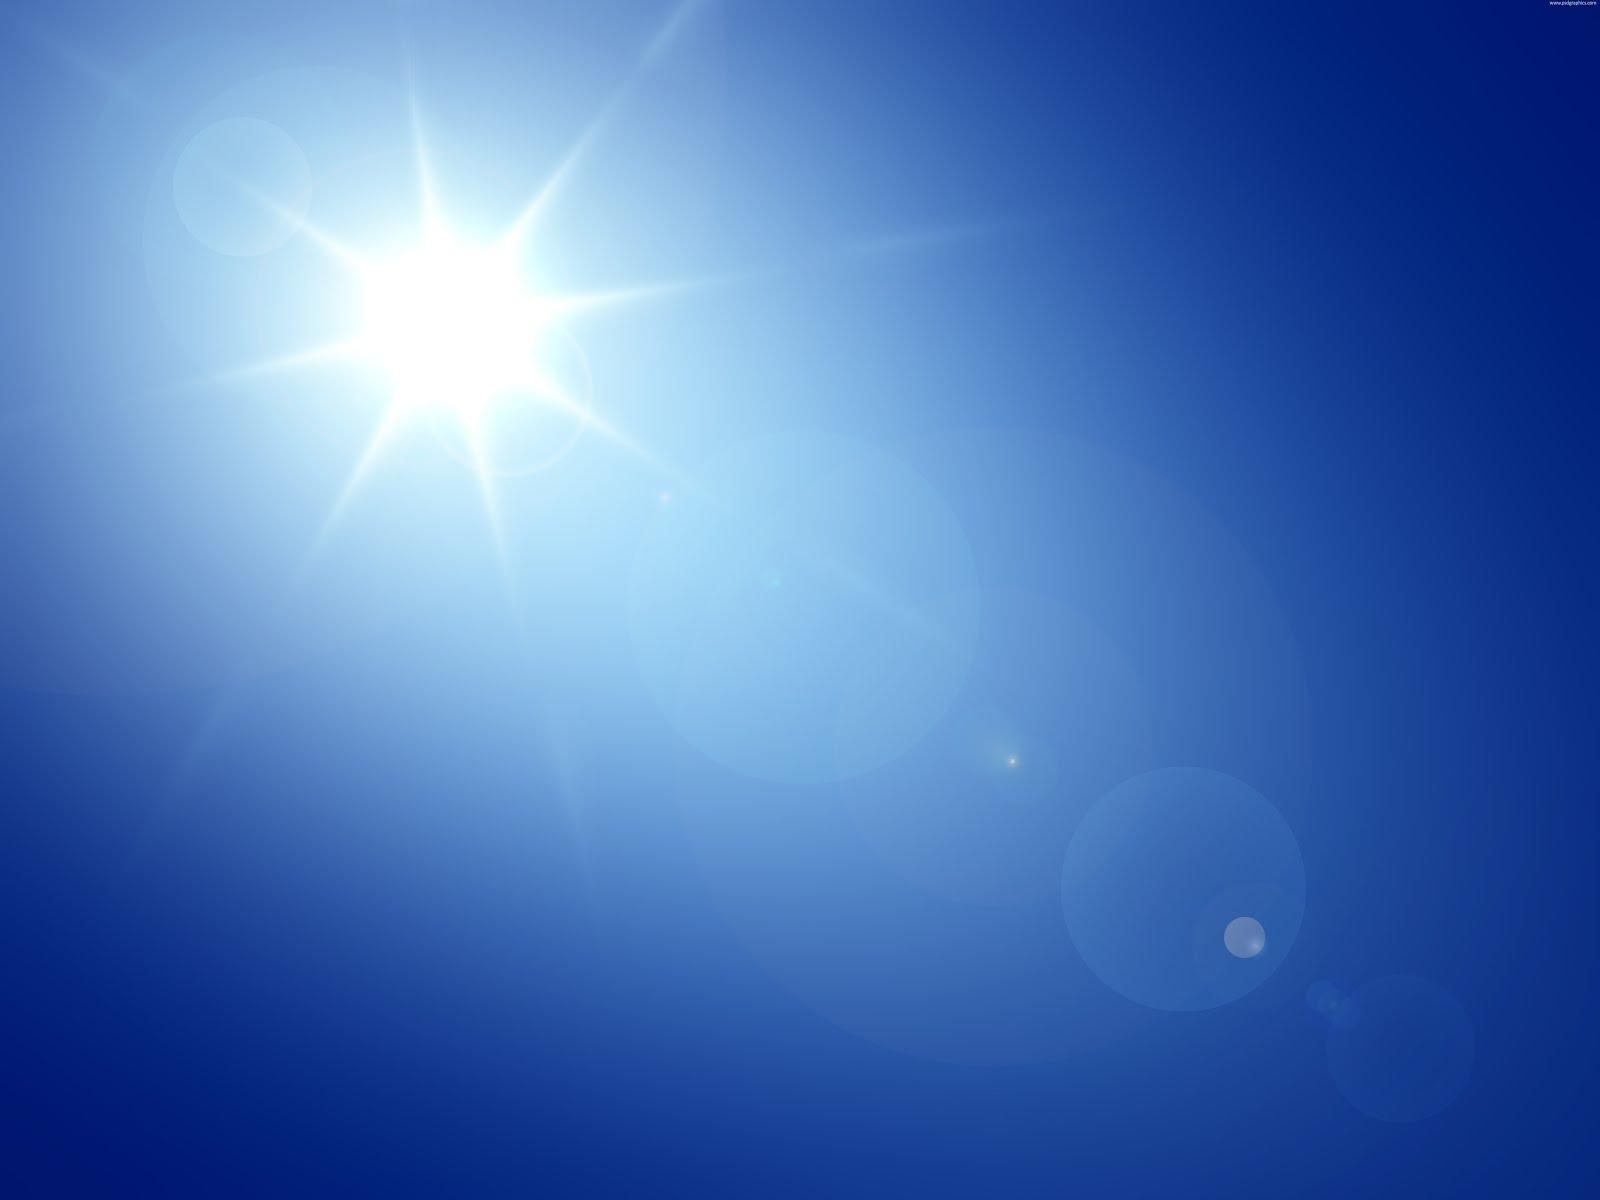 blue-sky-sun.jpg